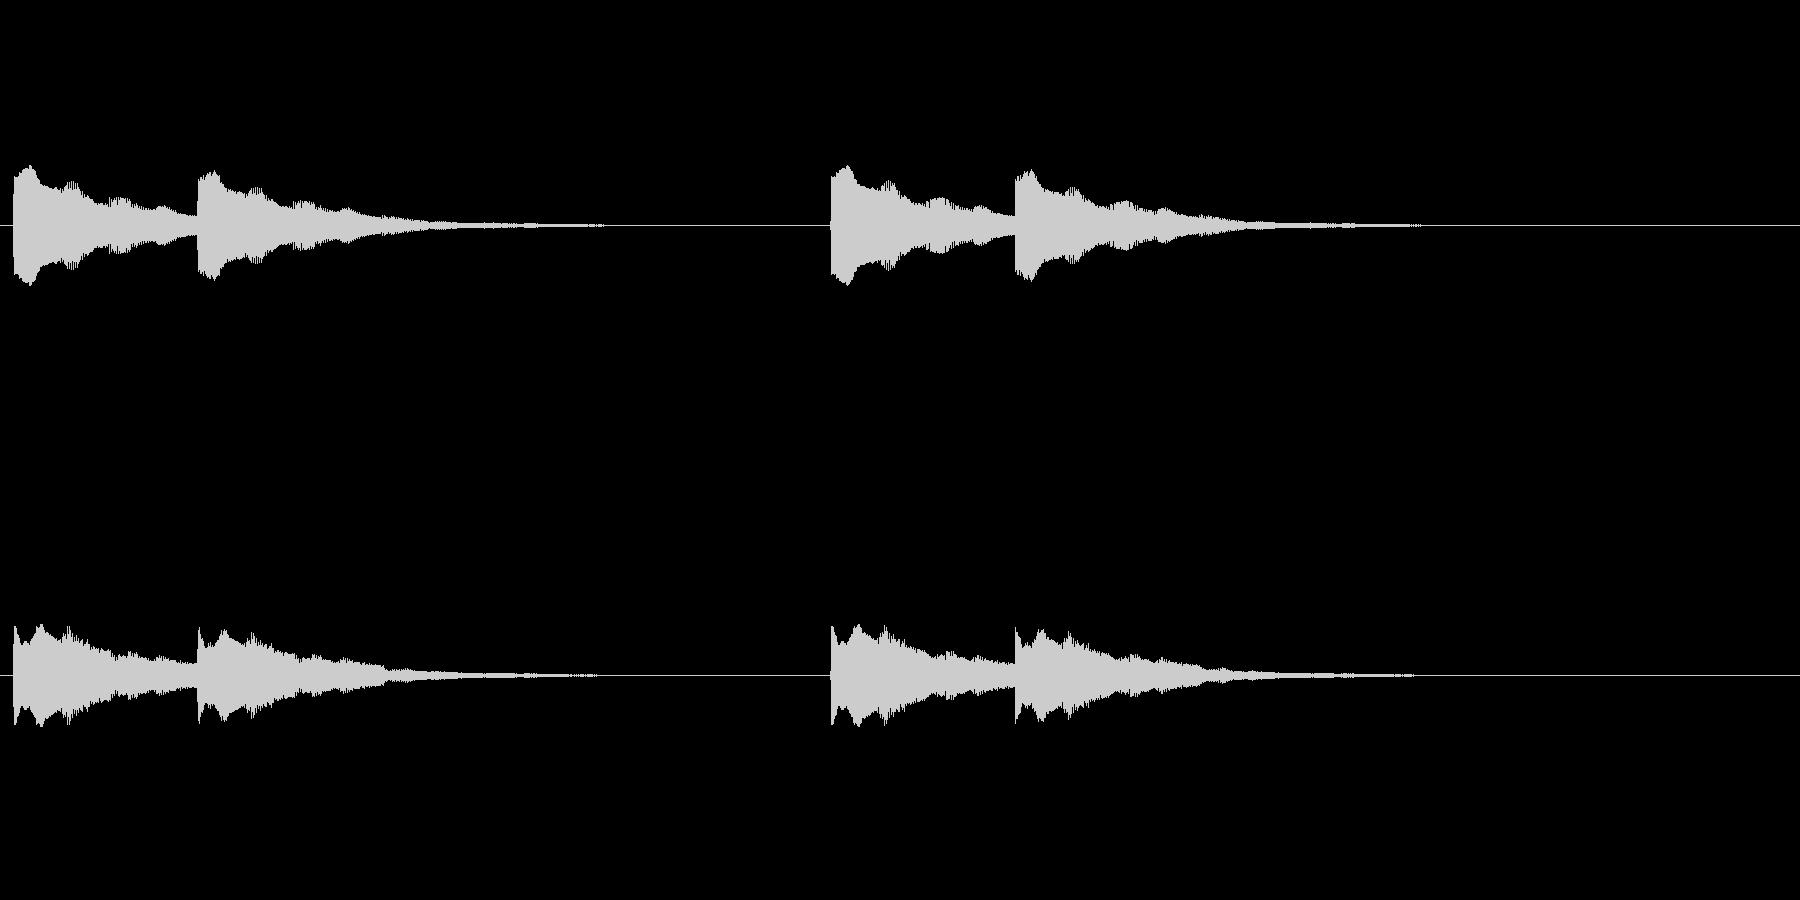 【ドアベル メロディー01-2】の未再生の波形